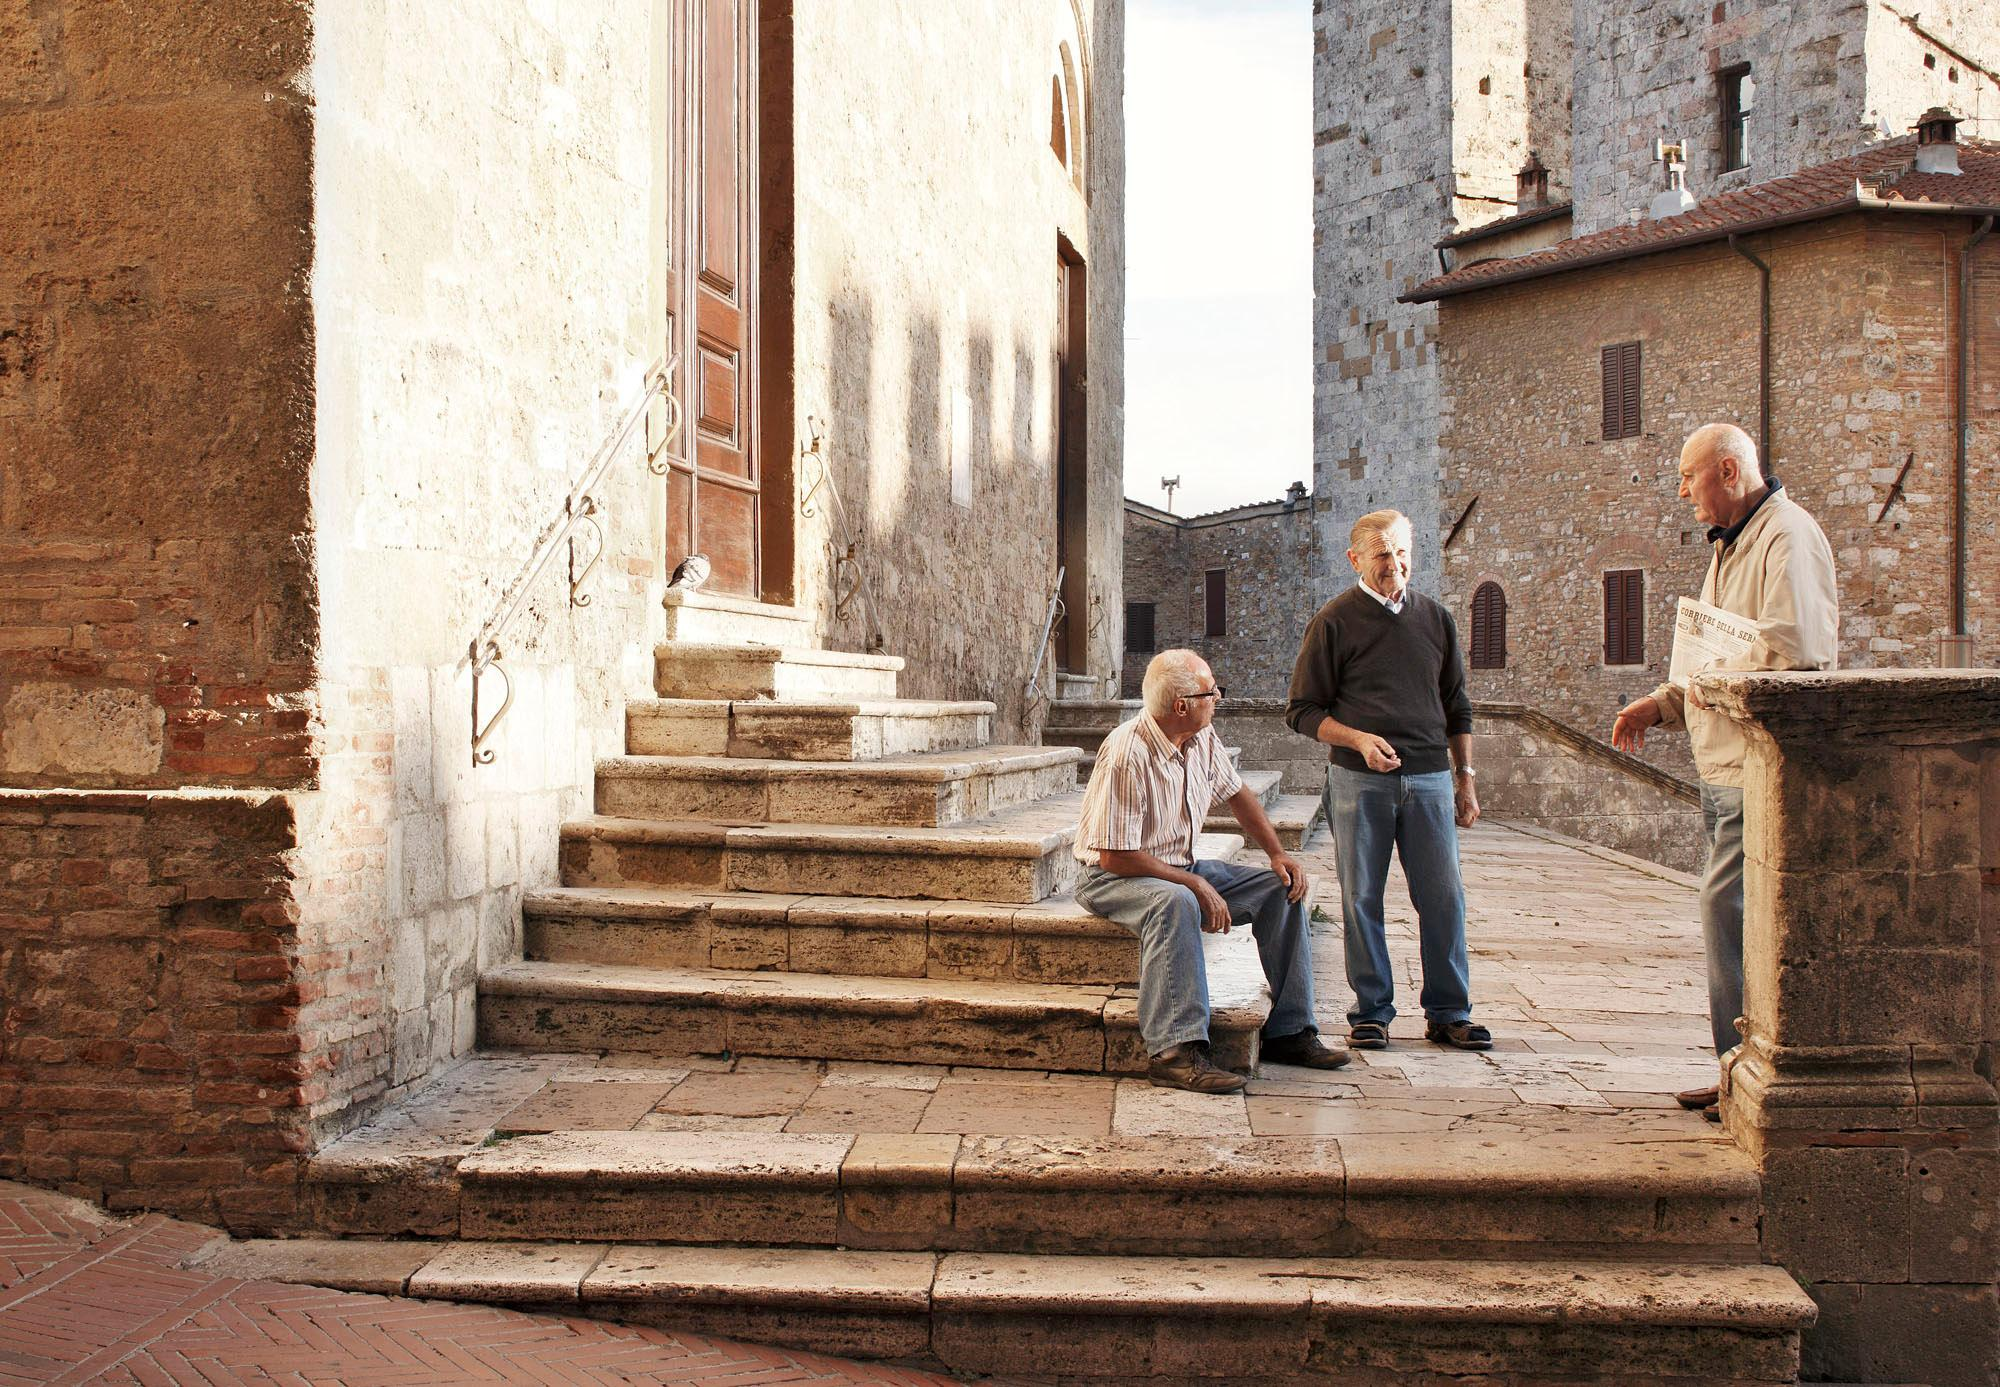 Prenez le temps de parler aux habitants sur la place principale. Vous en apprendrez beaucoup sur les légendes de San Gimignano. - © Luca Capuano